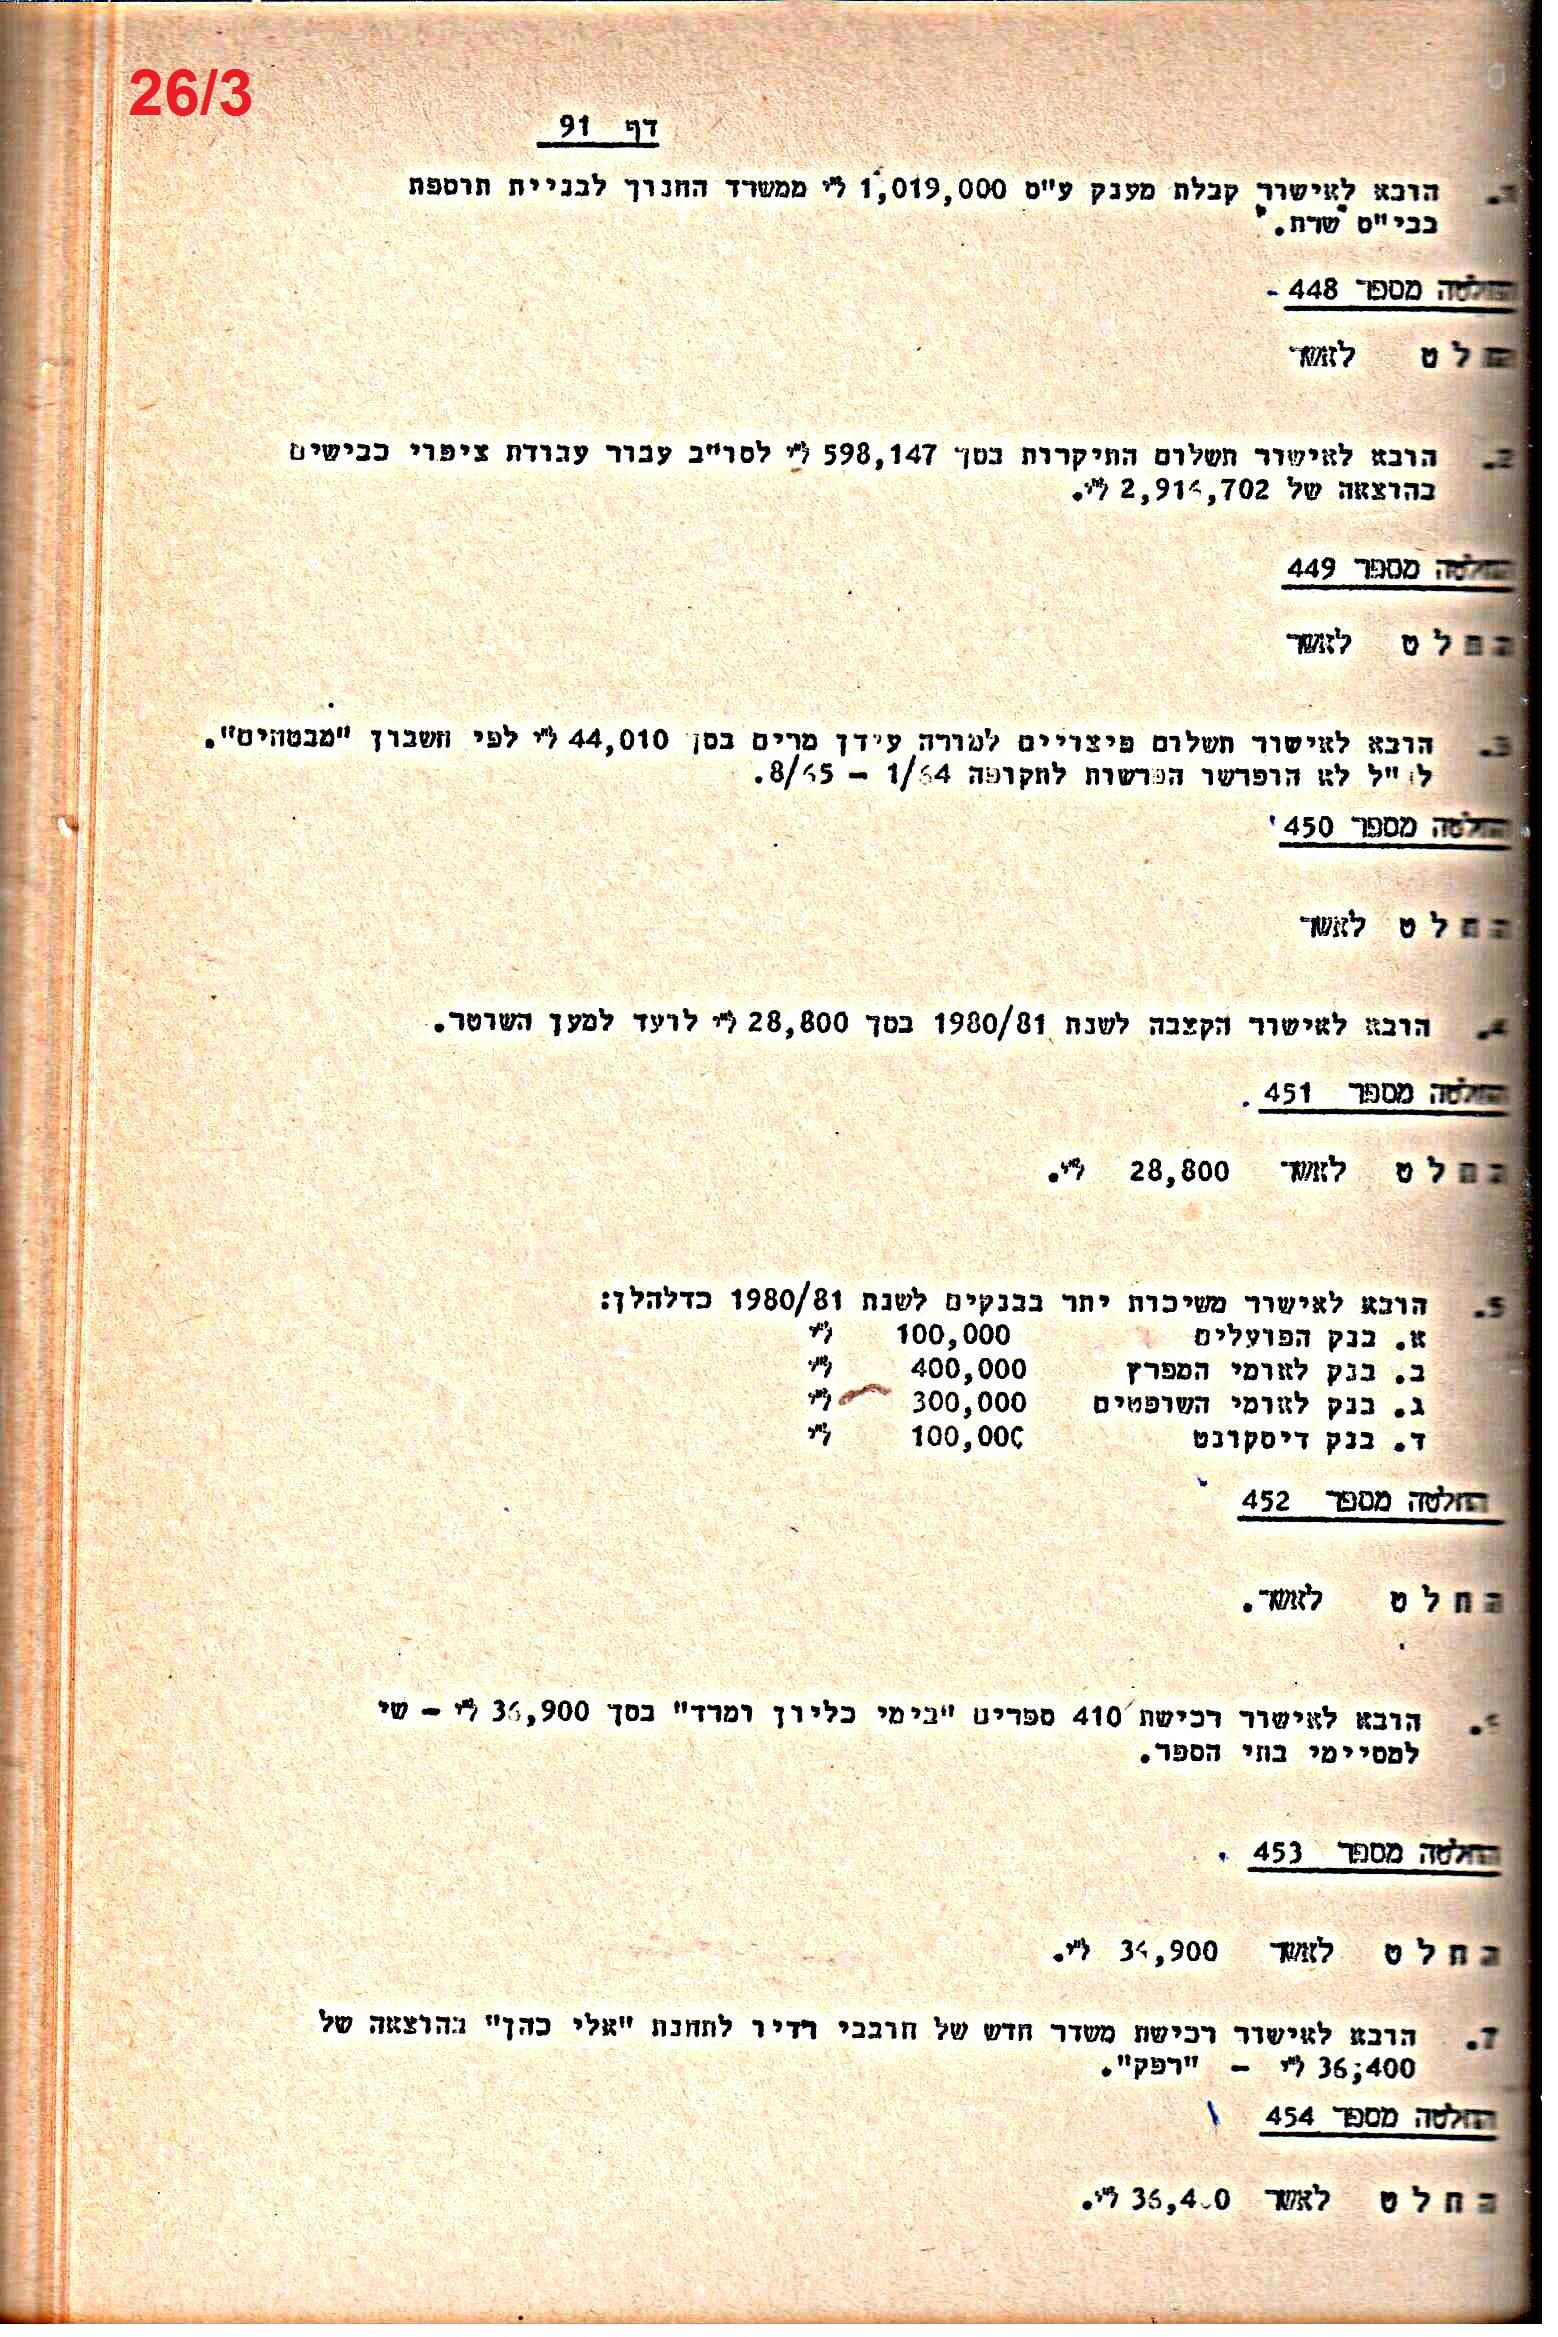 פרוטוקולים 21 – 19.10.83 – 3.1.79 ועדות – כספים by riki deri - Illustrated by  מוזיאון בית גרושקביץ / כרך 21 - Ourboox.com